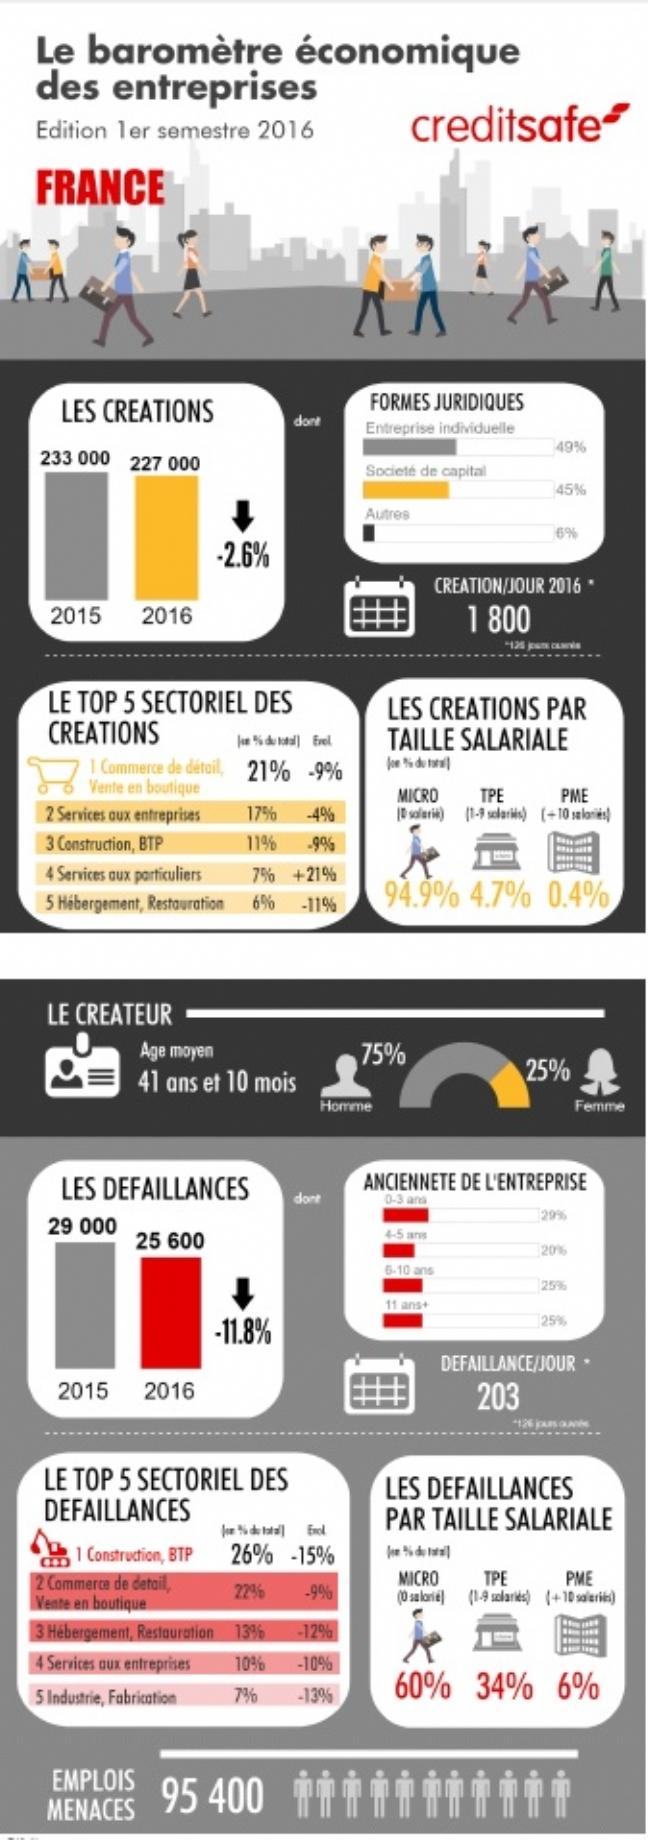 1800 Entreprises Naissent Chaque Jour Ouvre En France